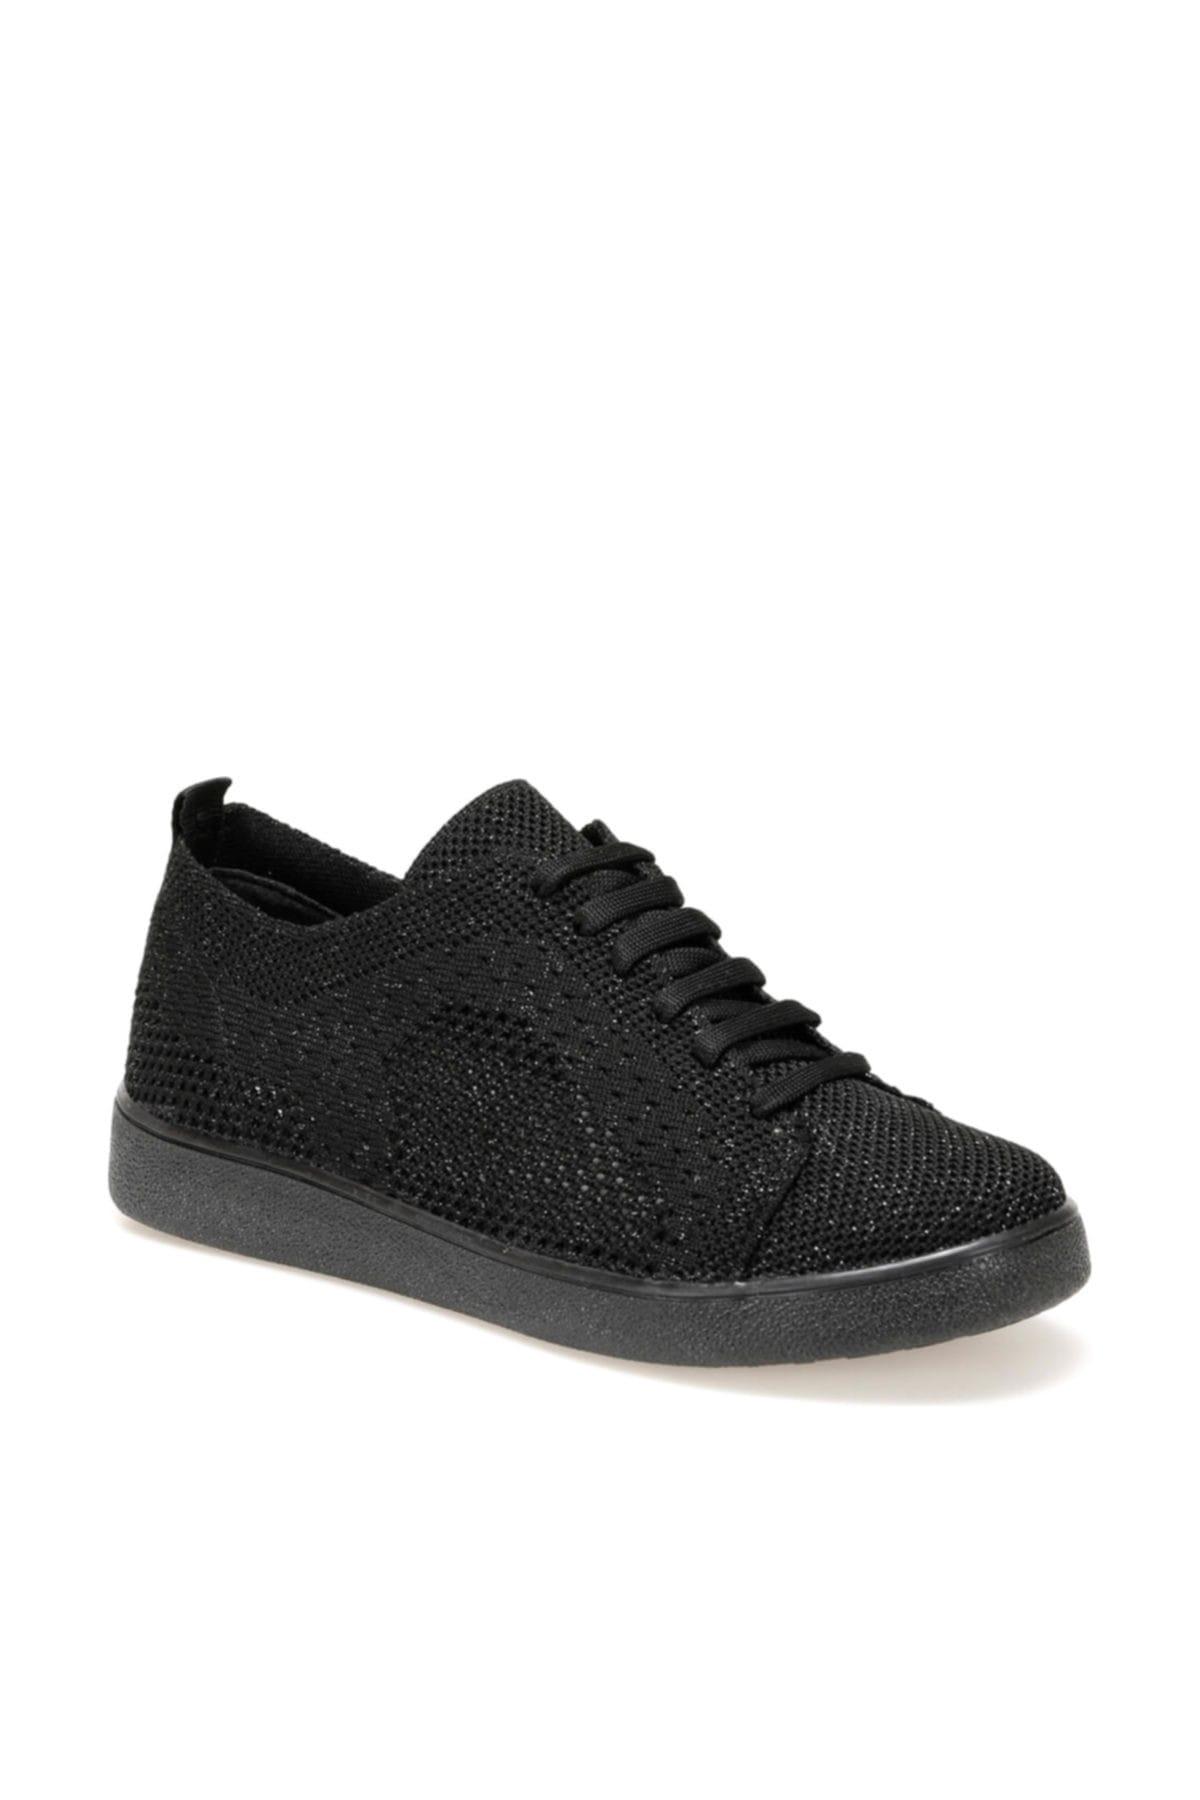 Kinetix ALMIR Siyah Kadın Sneaker Ayakkabı 100369906 1